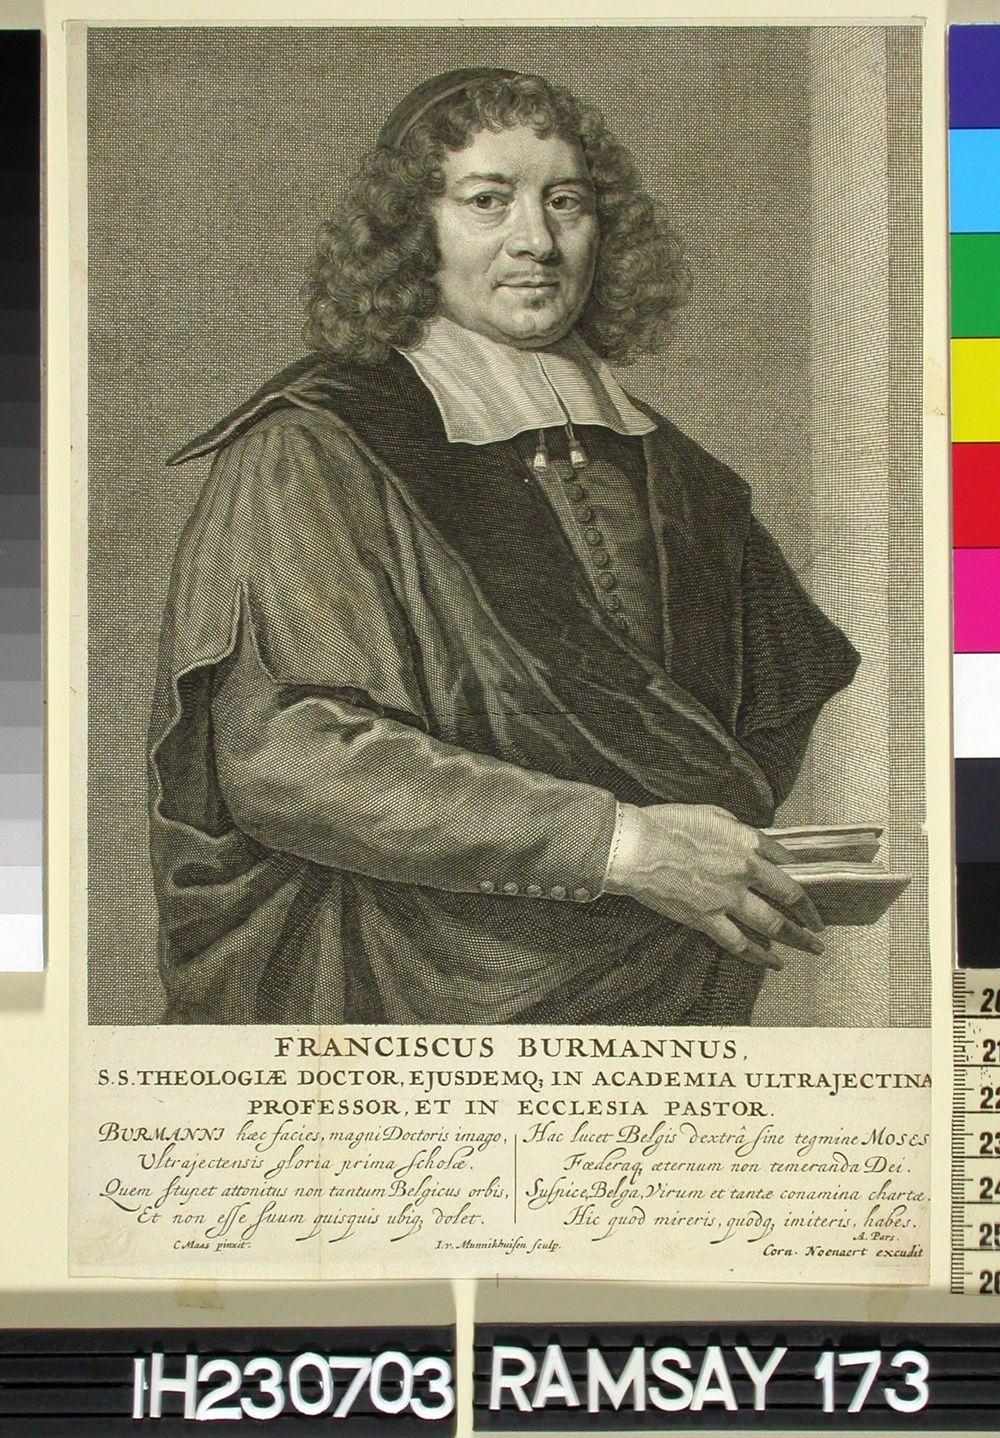 Franciscus Burmannus